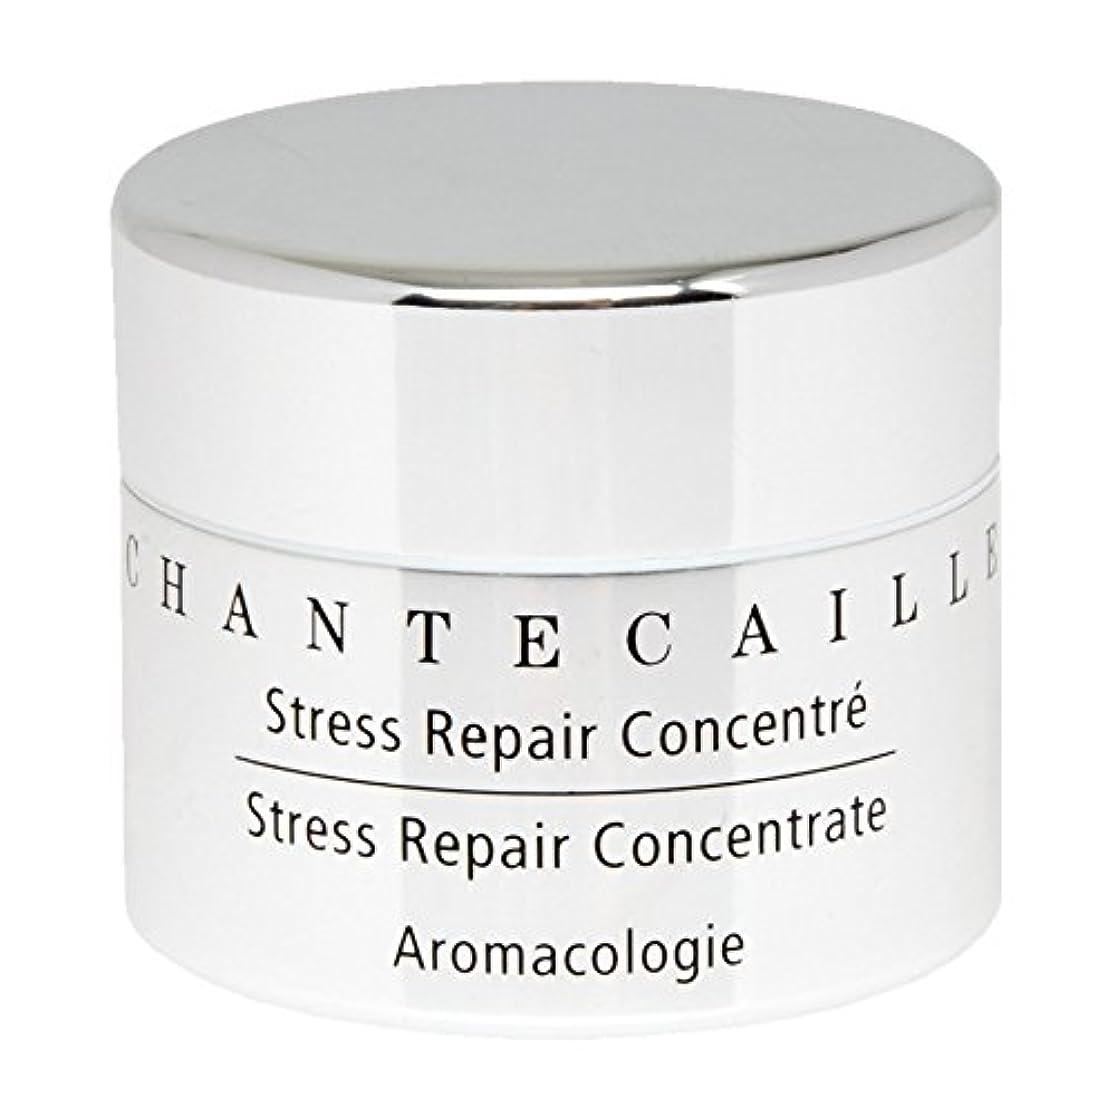 エッセンス侵入するわかりやすいChantecaille Stress Repair Concentrate 15ml (Pack of 6) - シャンテカイユストレス修復濃縮15ミリリットル x6 [並行輸入品]